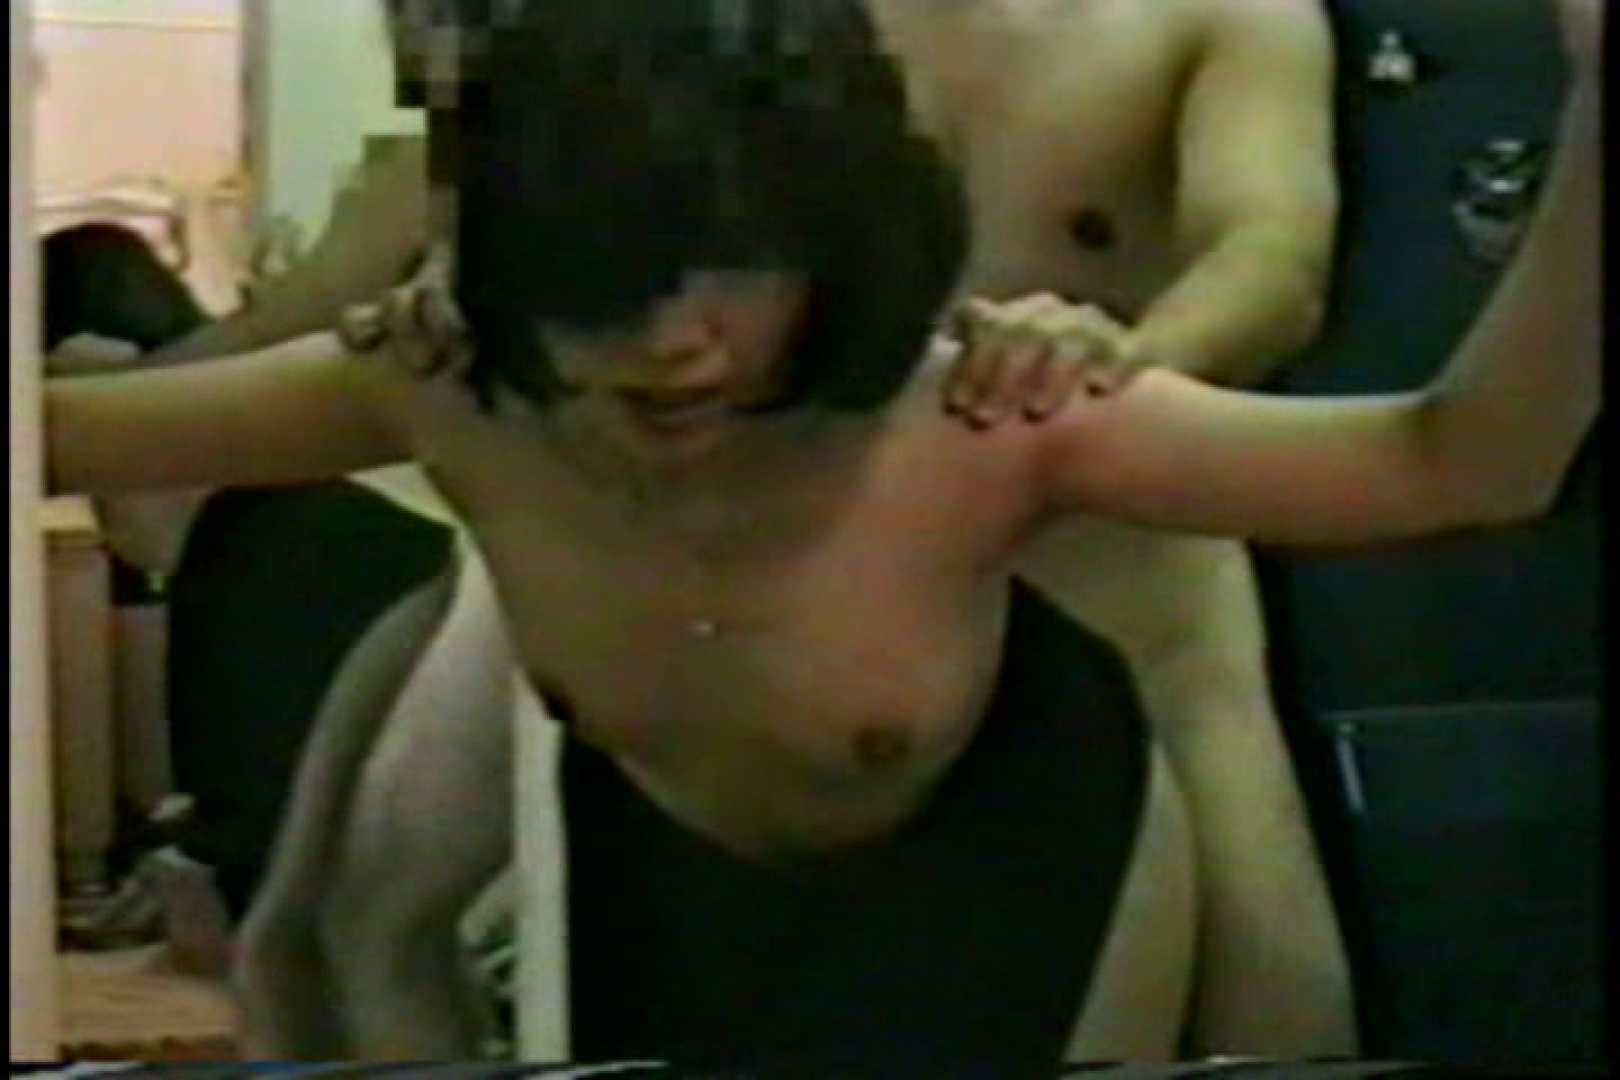 帰宅後すぐにSEXする夫婦 そして口内発射 SEX映像 AV動画キャプチャ 76pic 18